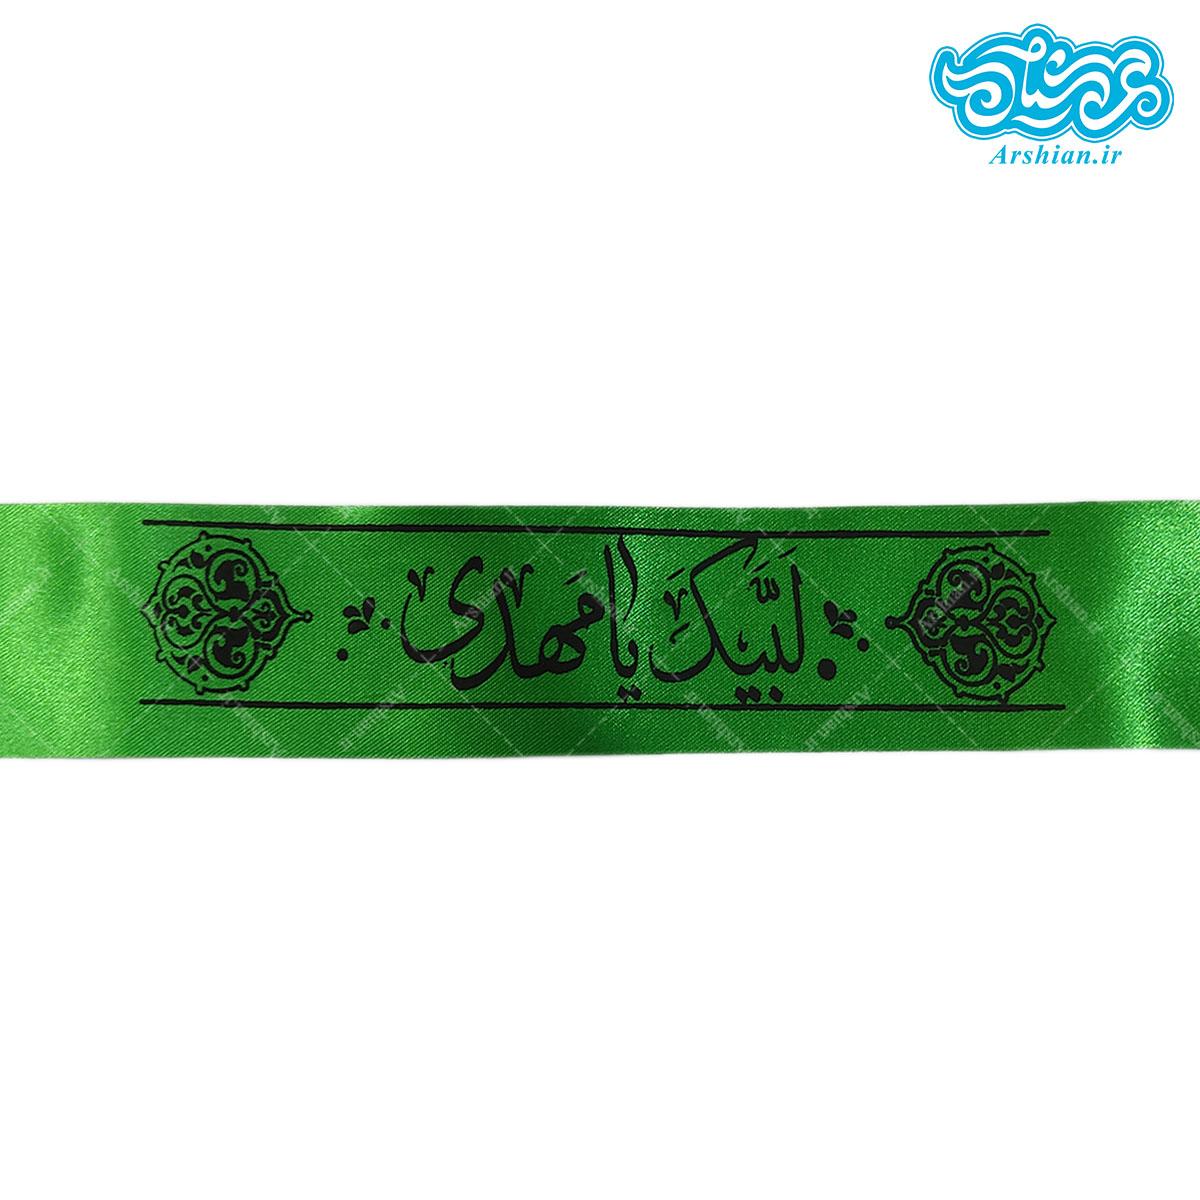 سربند ساتن لبیک یامهدی سبز کد 040